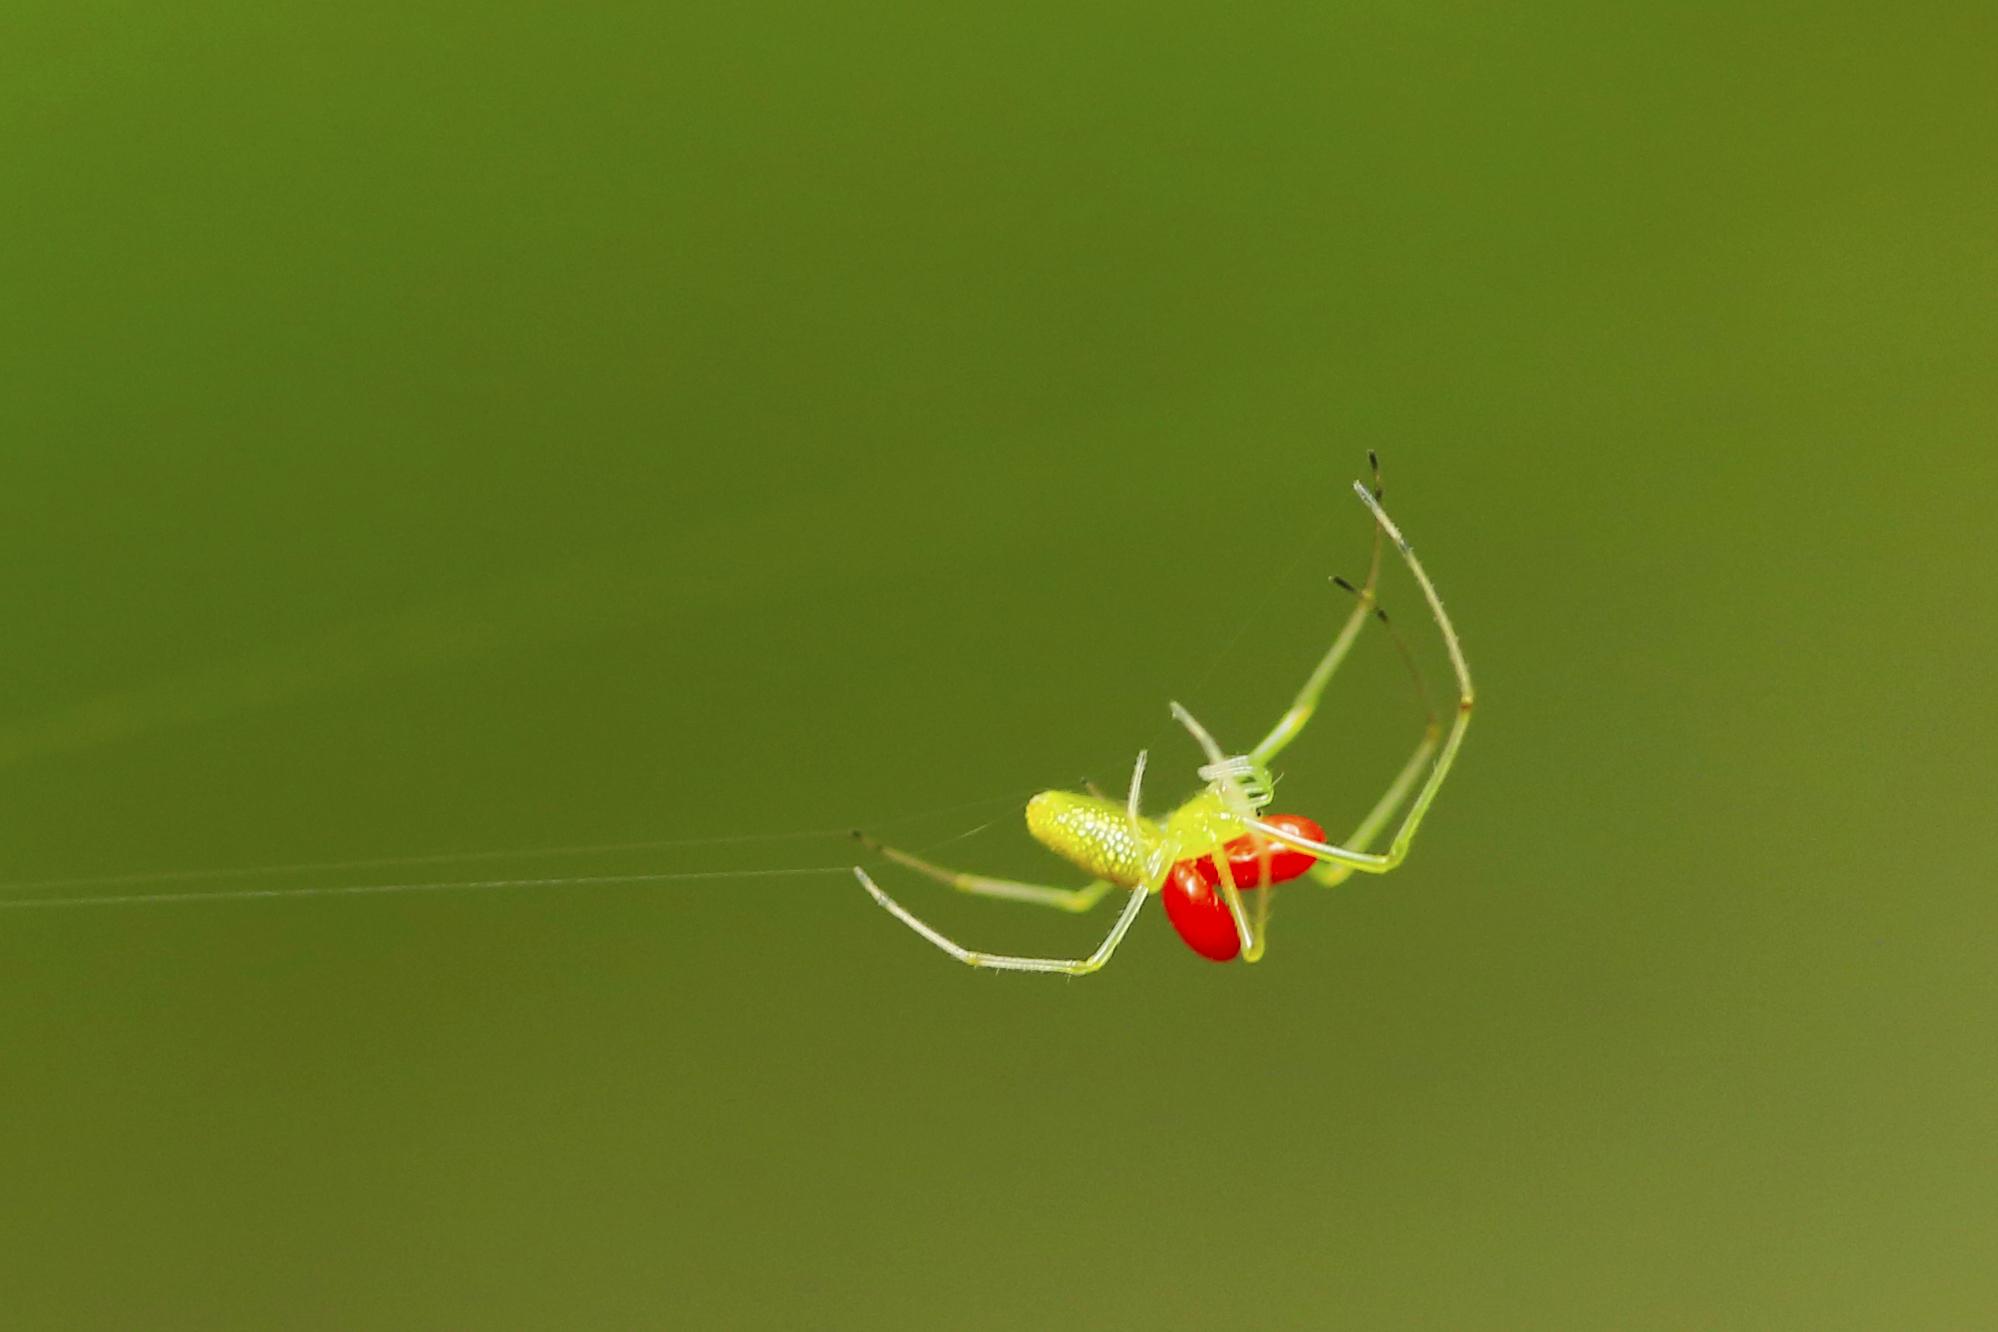 クモの背中に卵のような赤いものが2つありますが、これは昆虫やクモなどに寄生するタカラダニです。